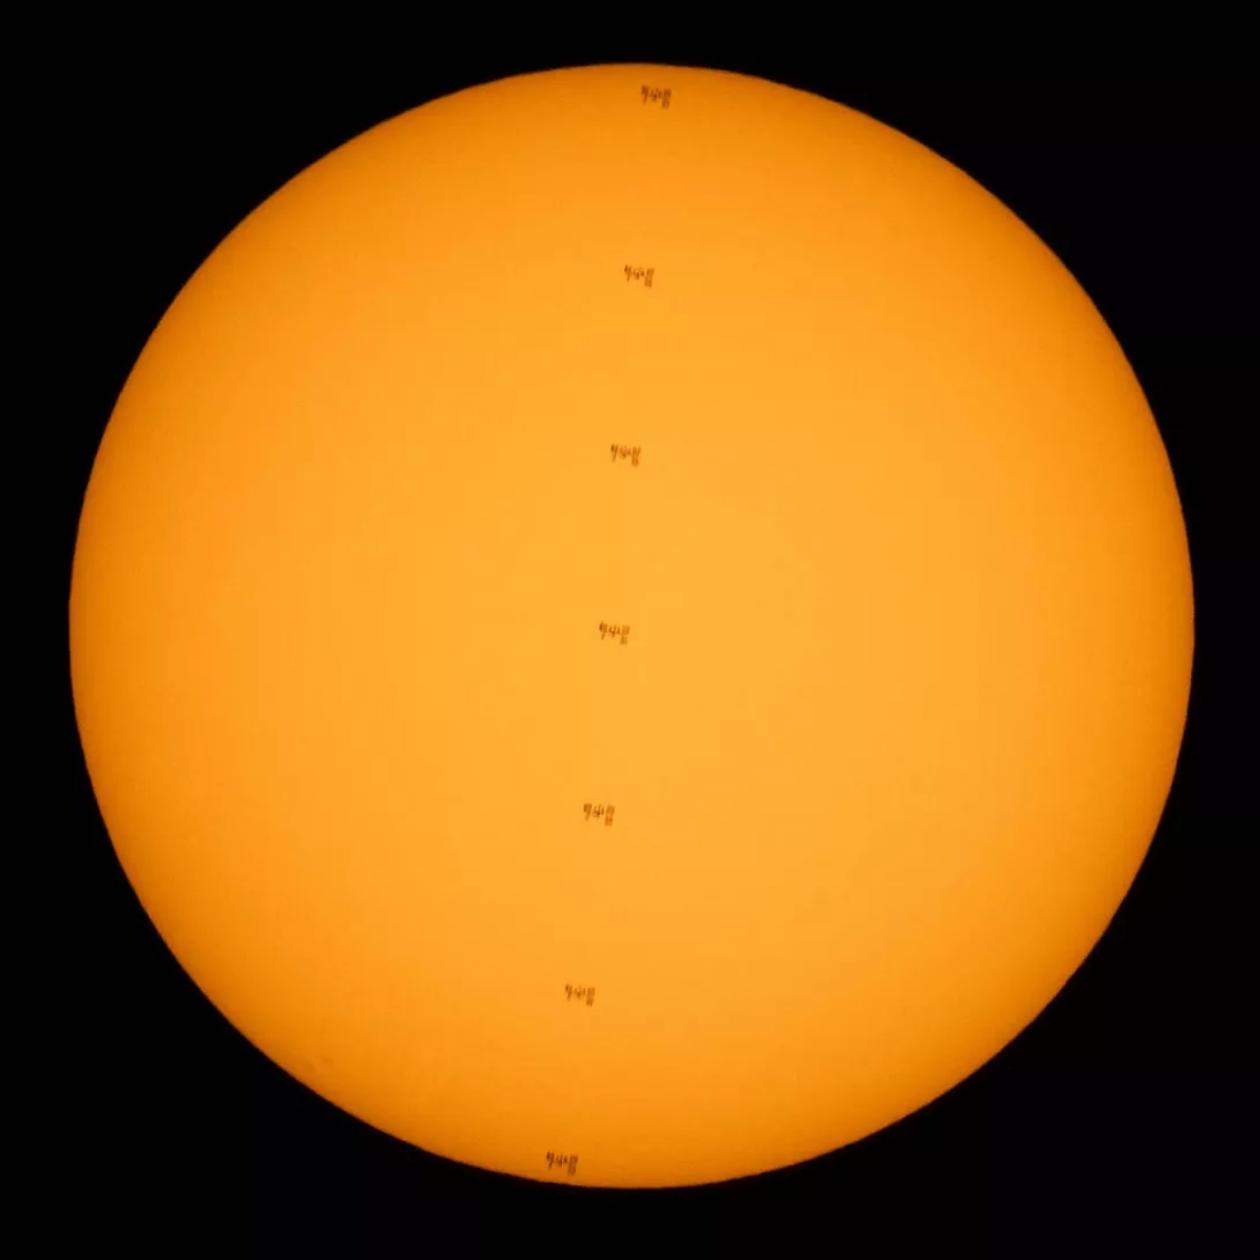 NASA摄影师Joel kowsky捕捉到国际空间站在太阳前面穿过的壮丽景色